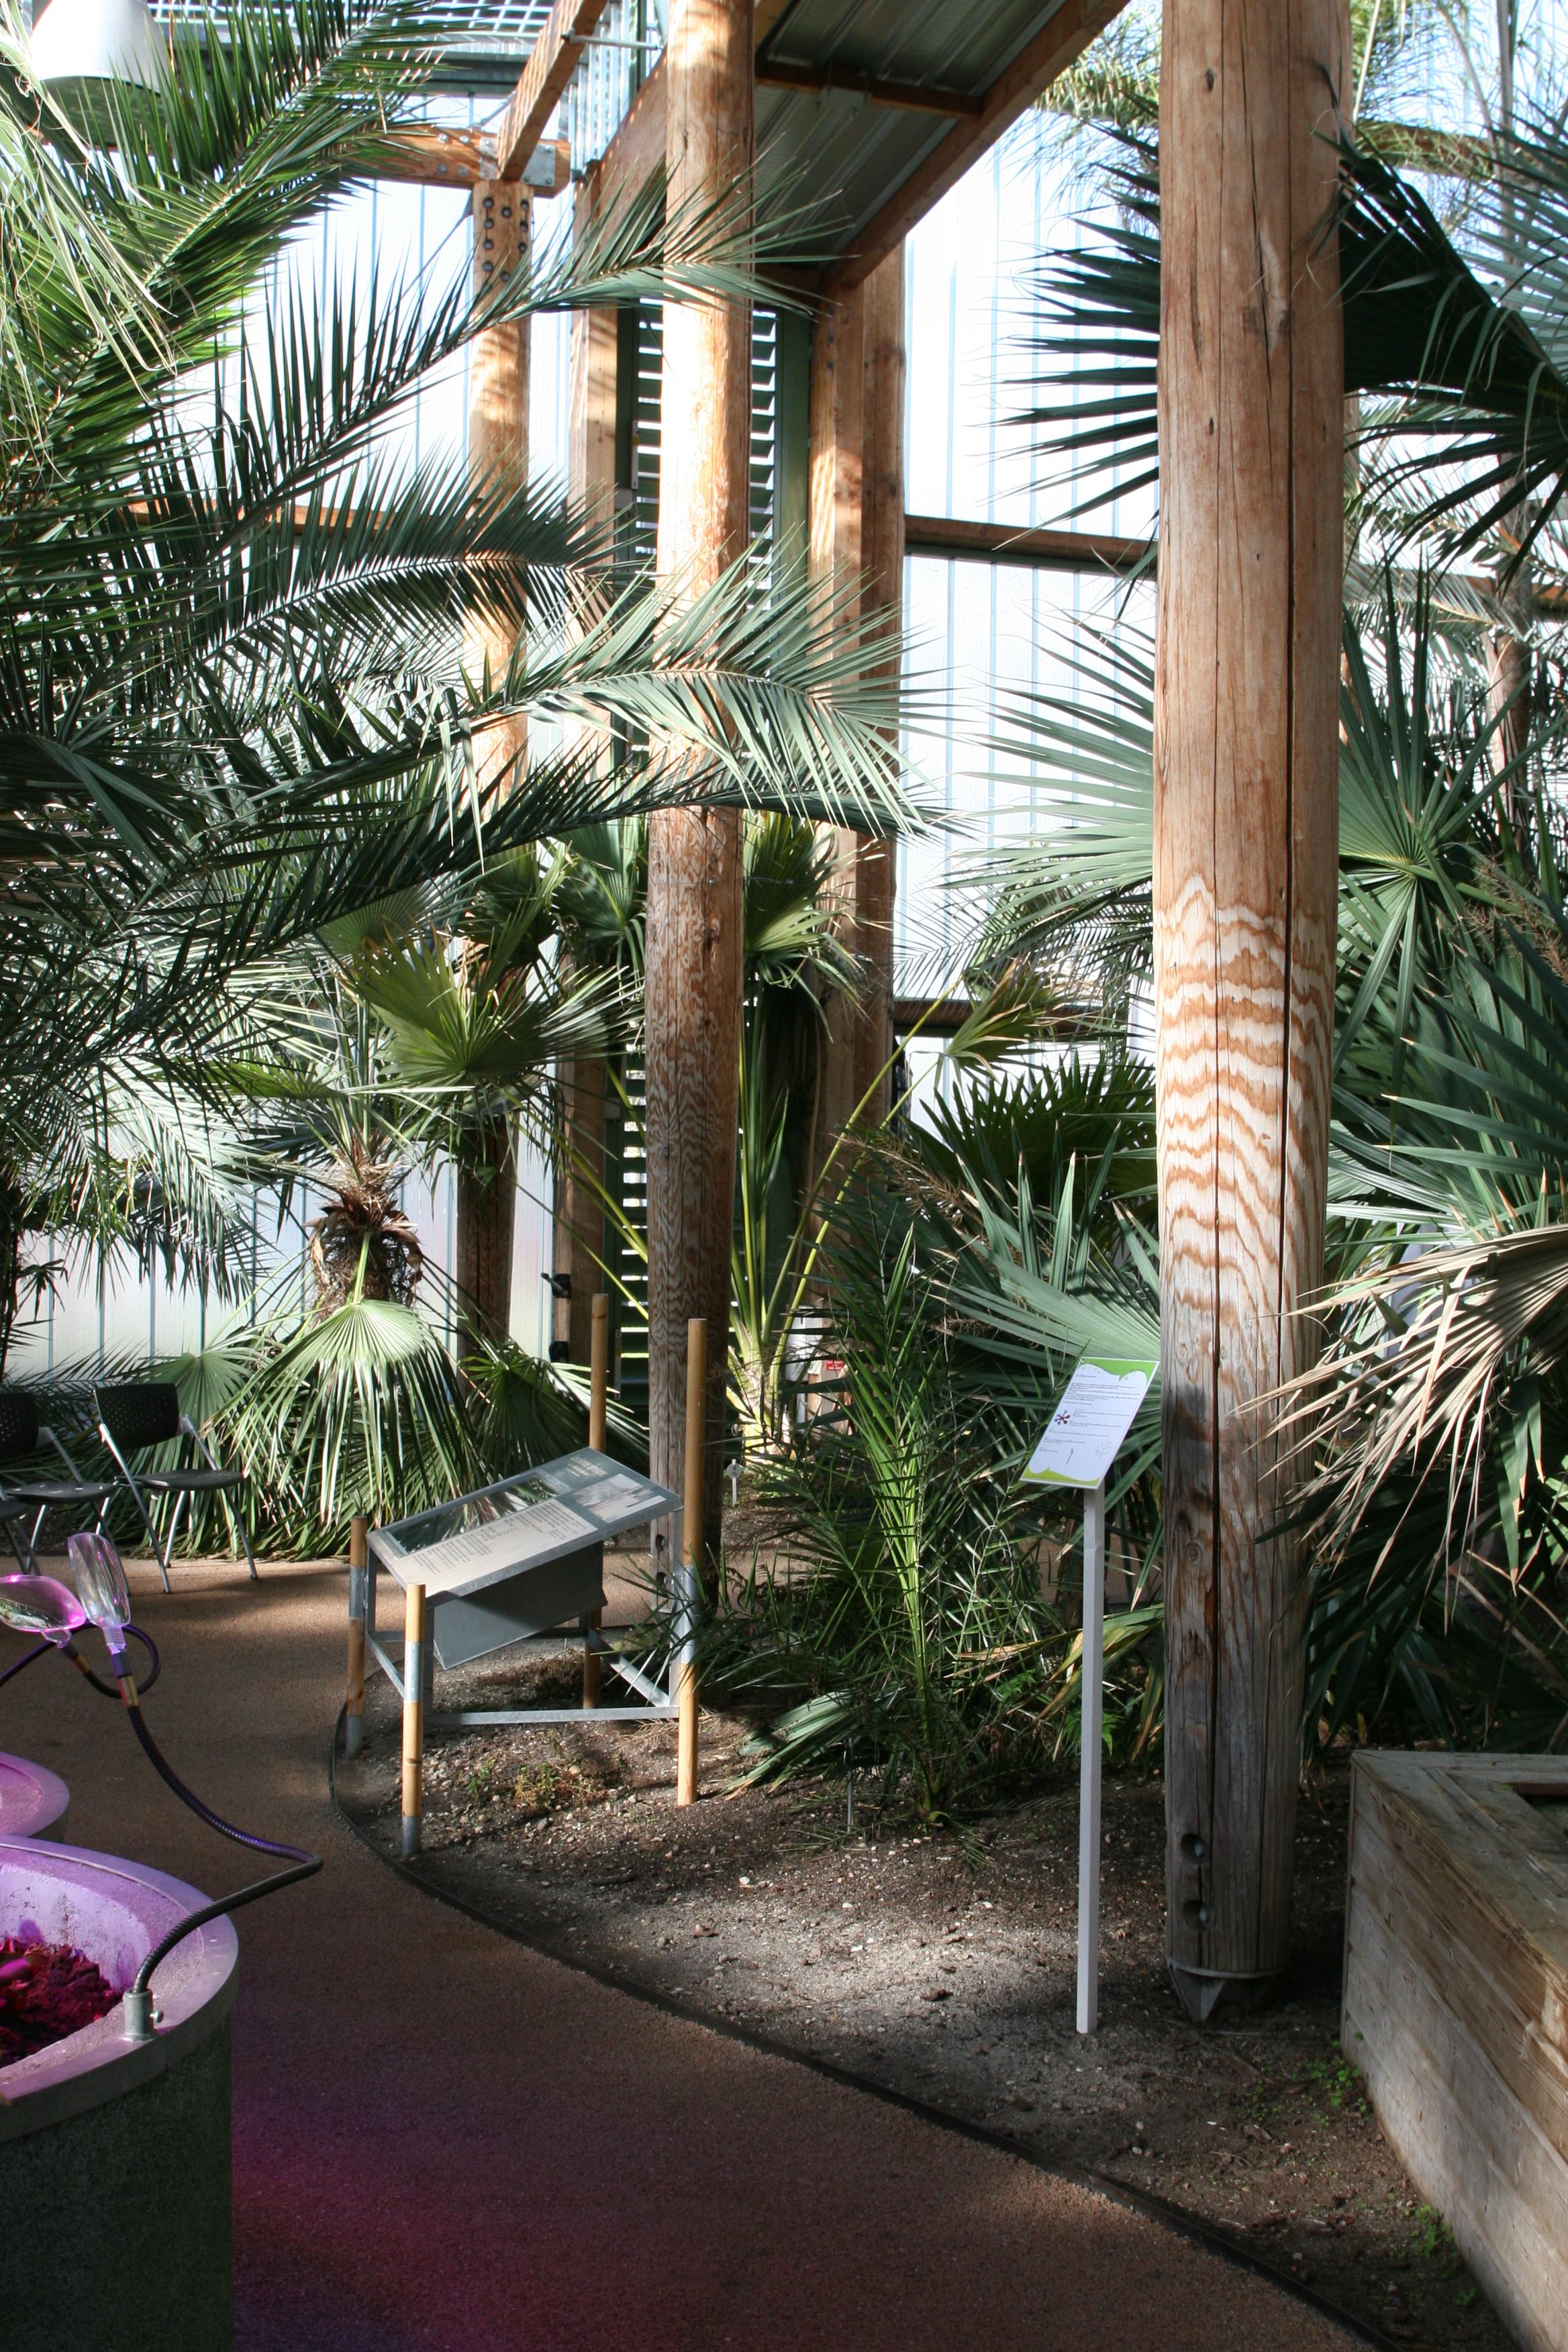 Les serres jardin botanique de bordeaux for Appartement bordeaux jardin botanique